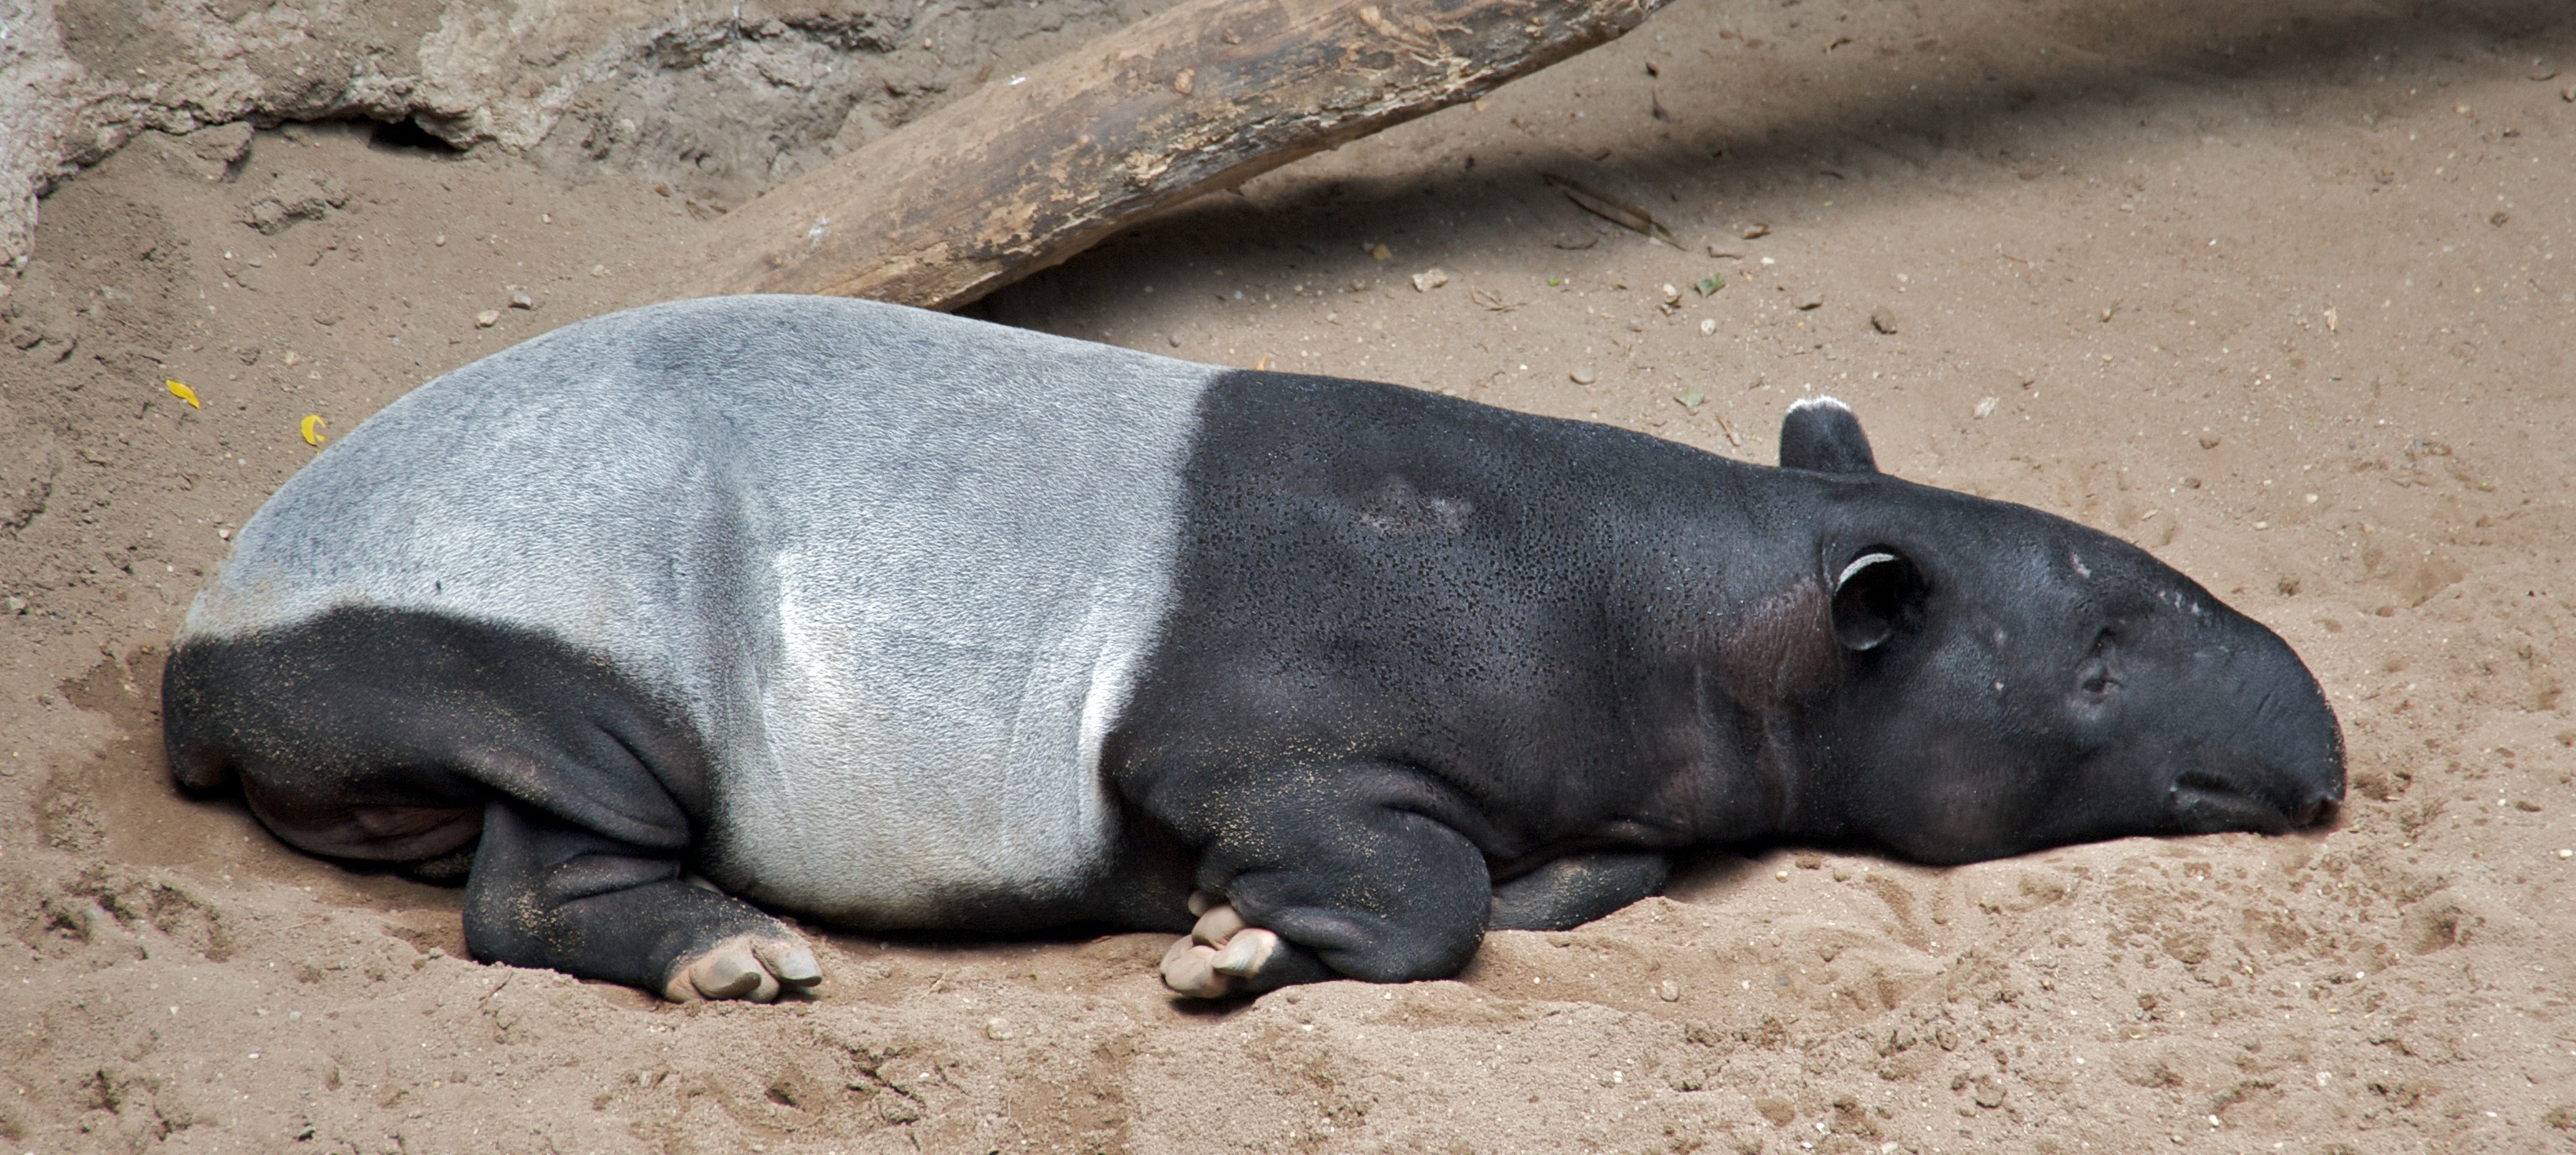 file malayan tapir tapirus indicus at bronx zoo cropped